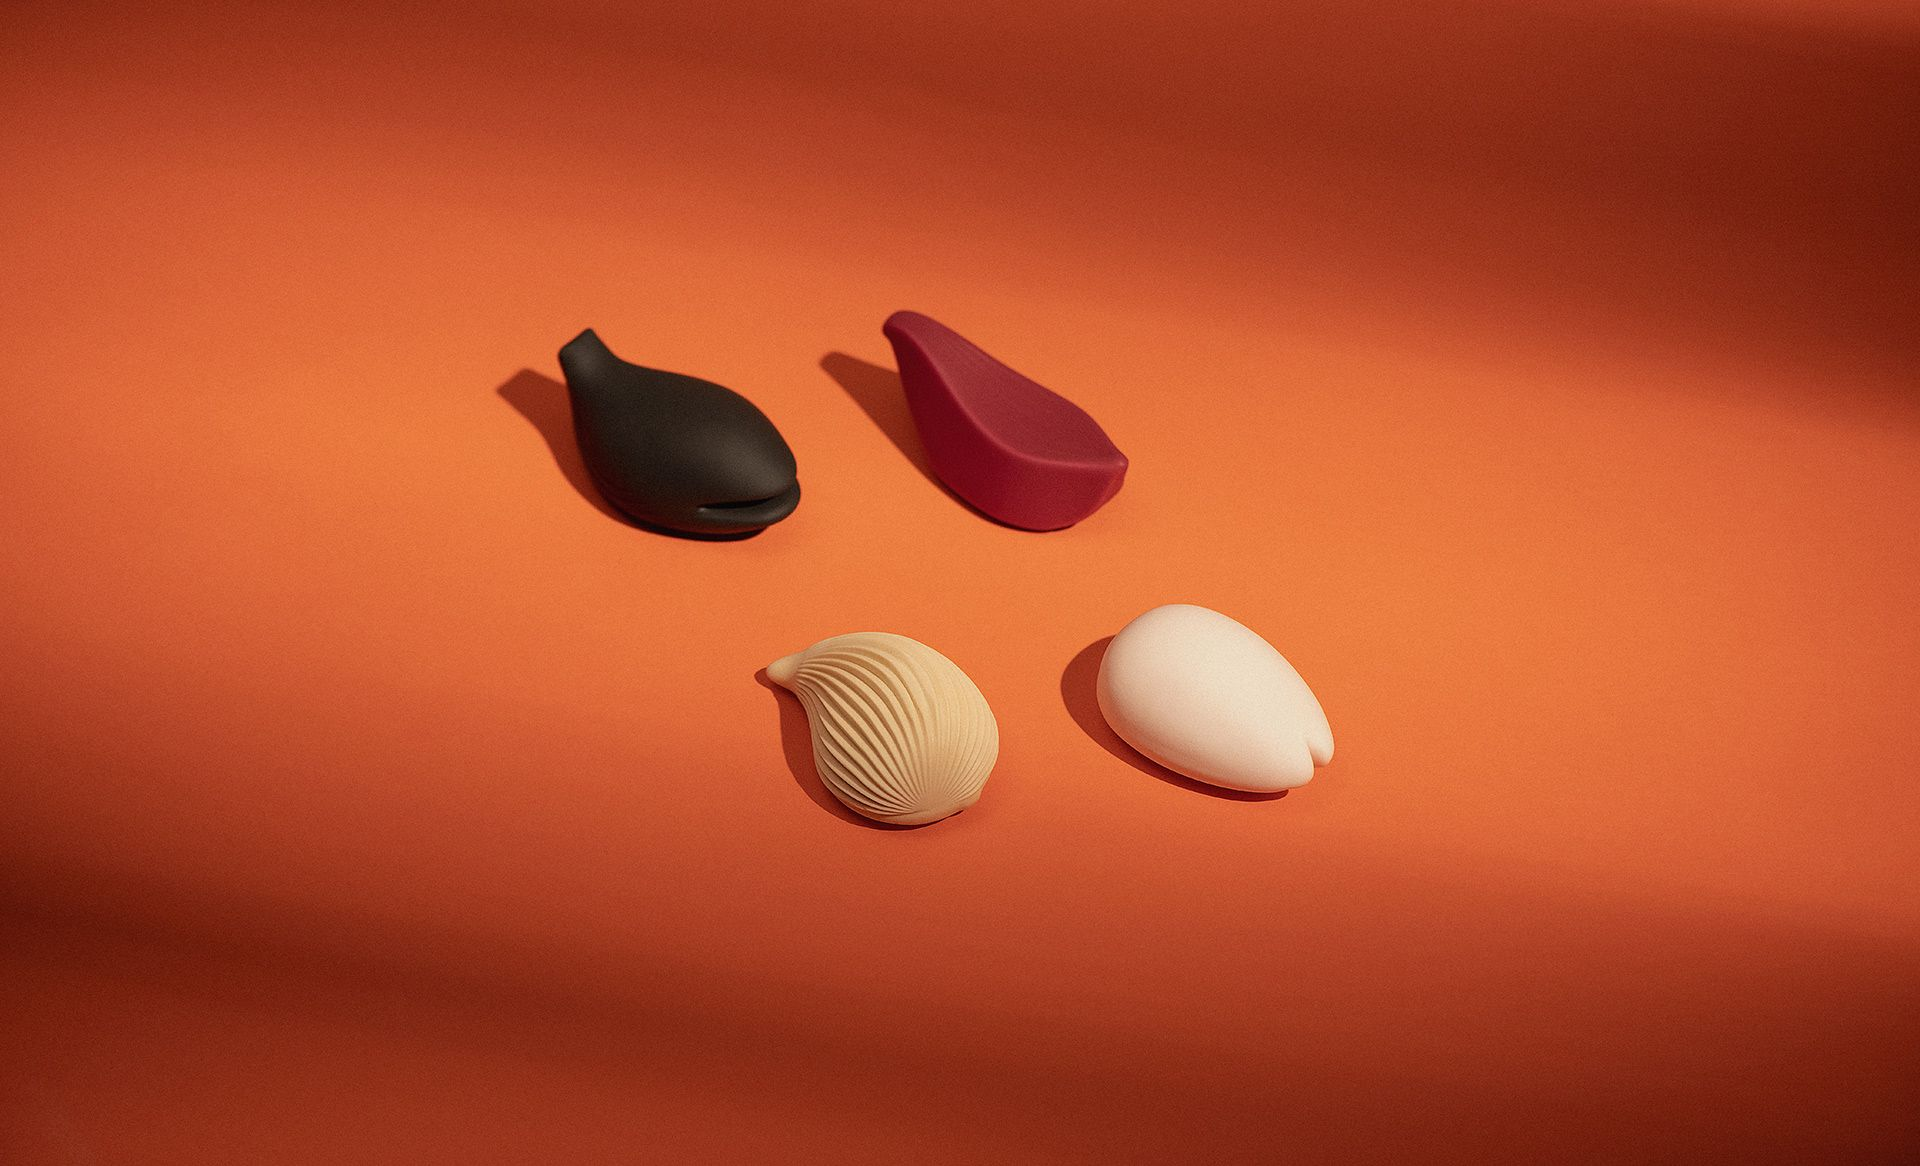 Iroha kushi Japon vibrateurs clitoridiens sur un fond orange.